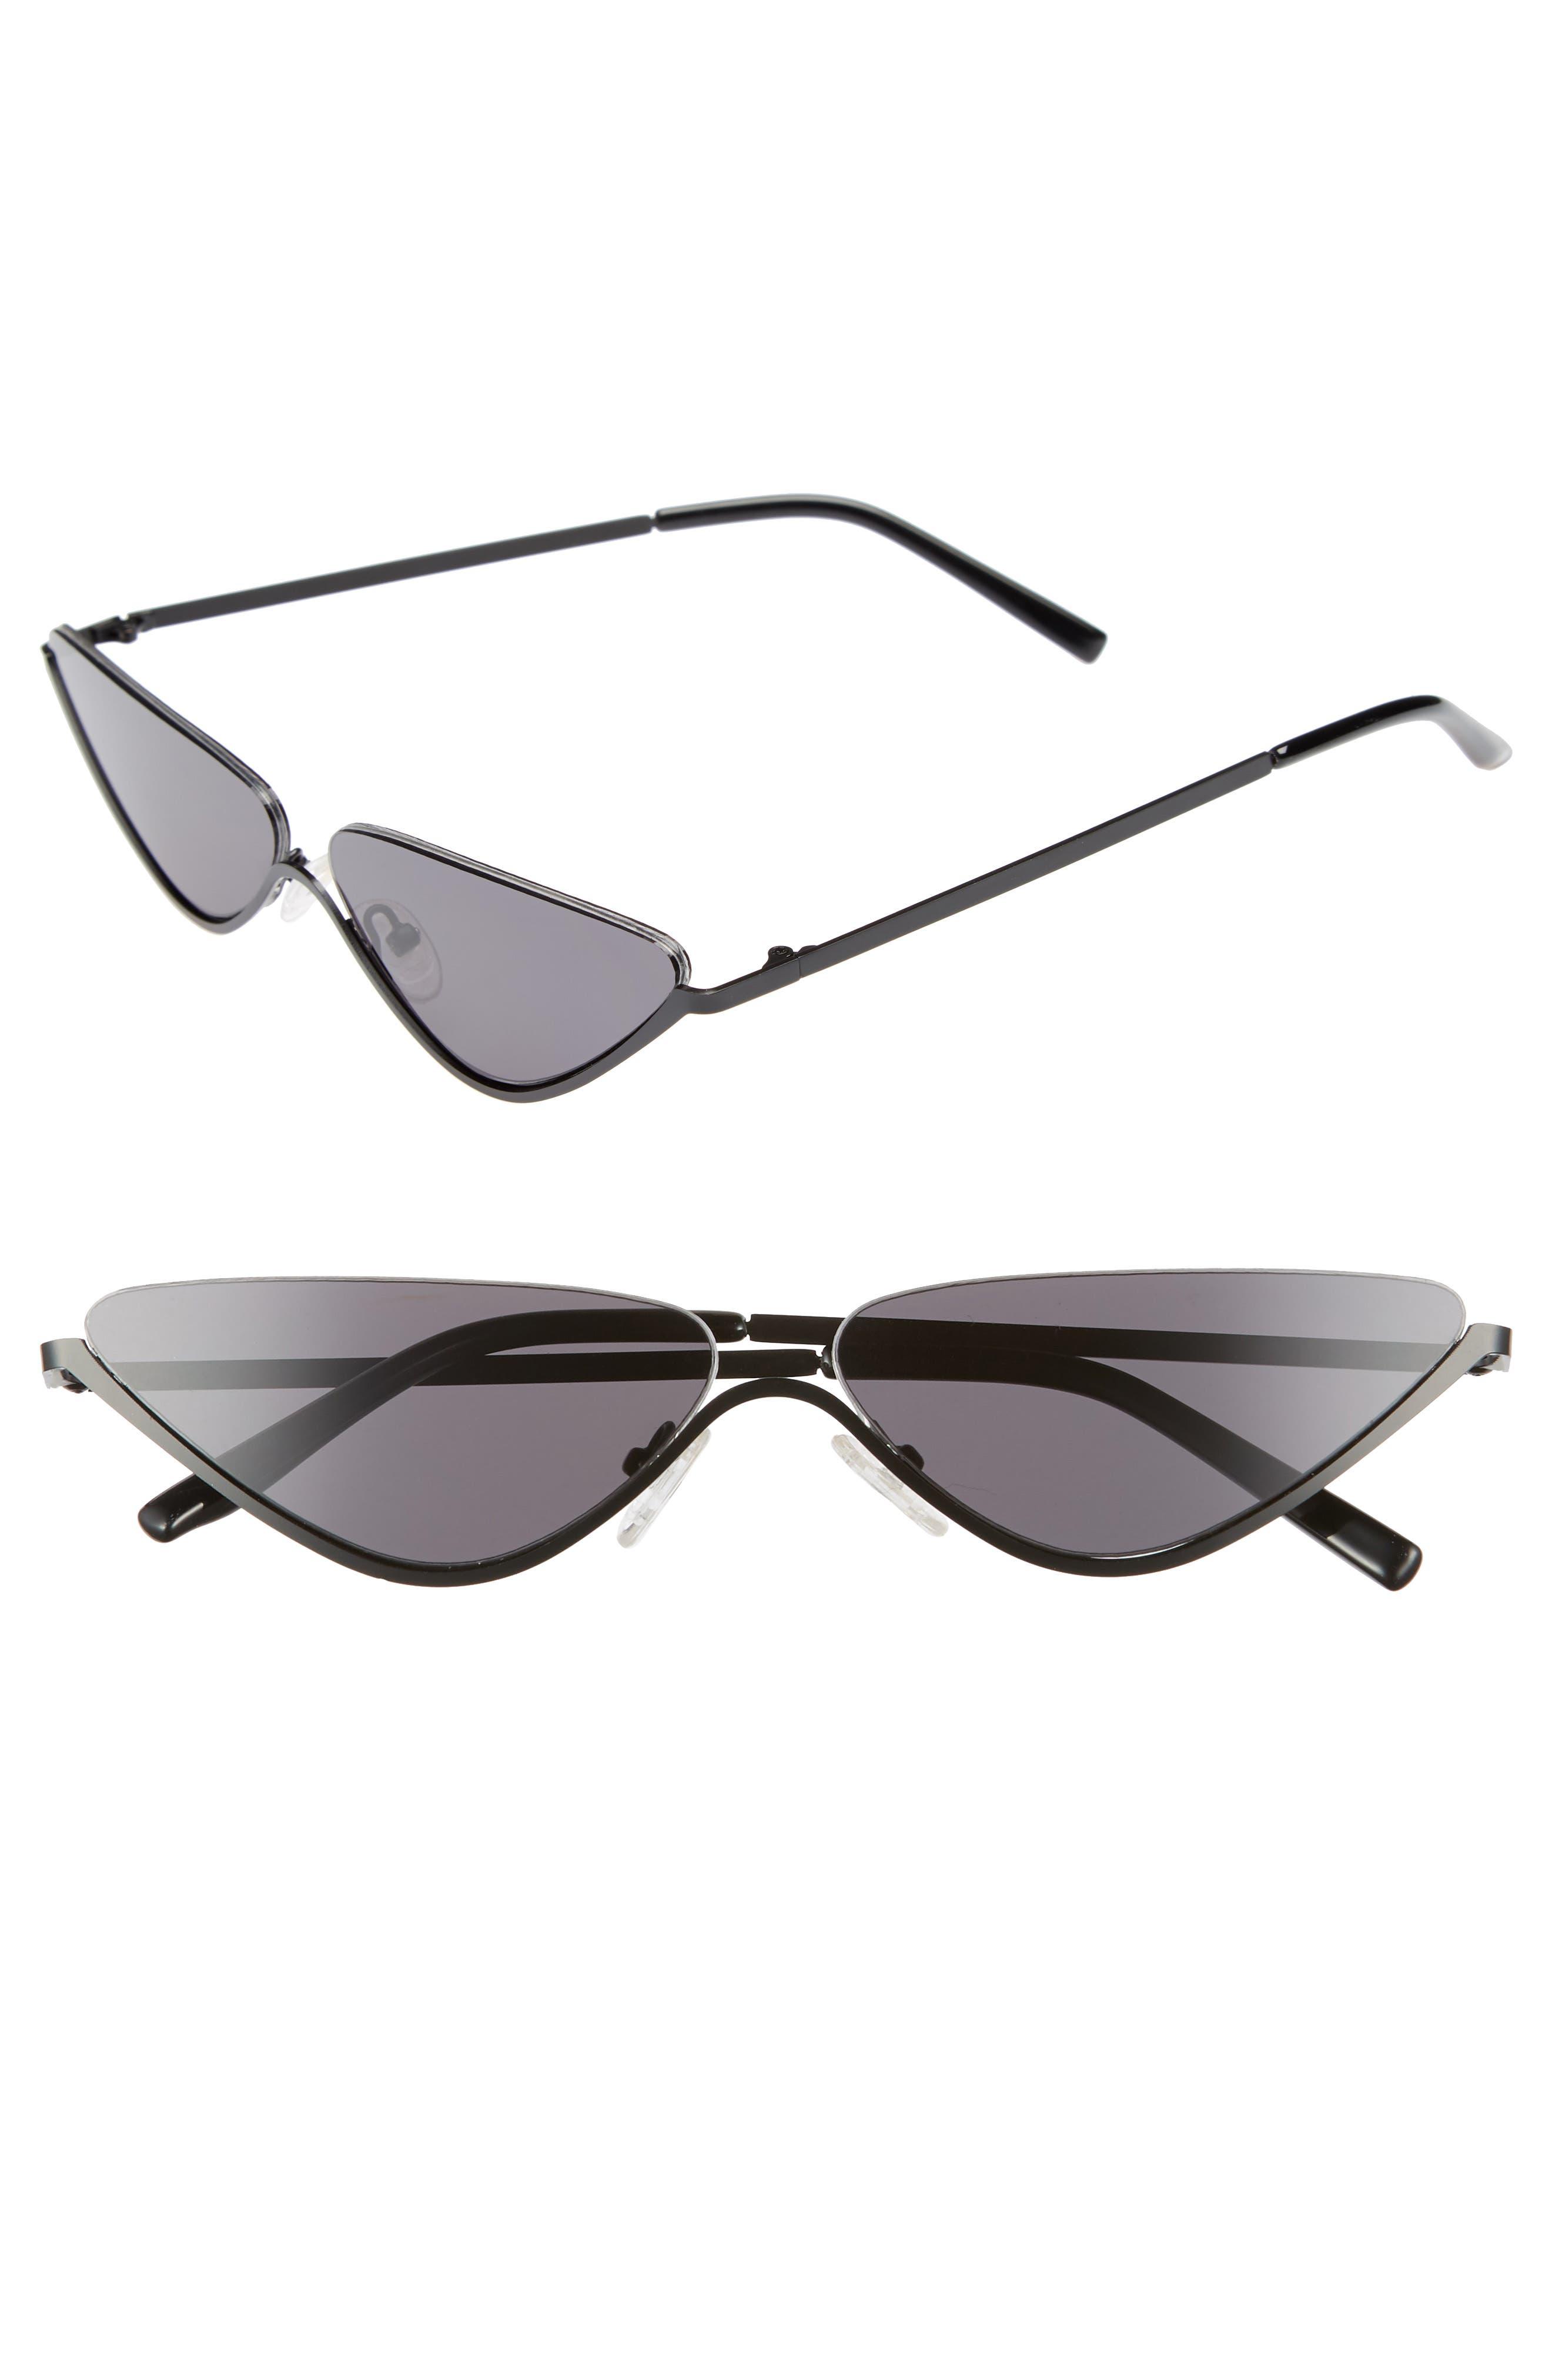 62mm Half Rim Cat Eye Sunglasses,                         Main,                         color, 001